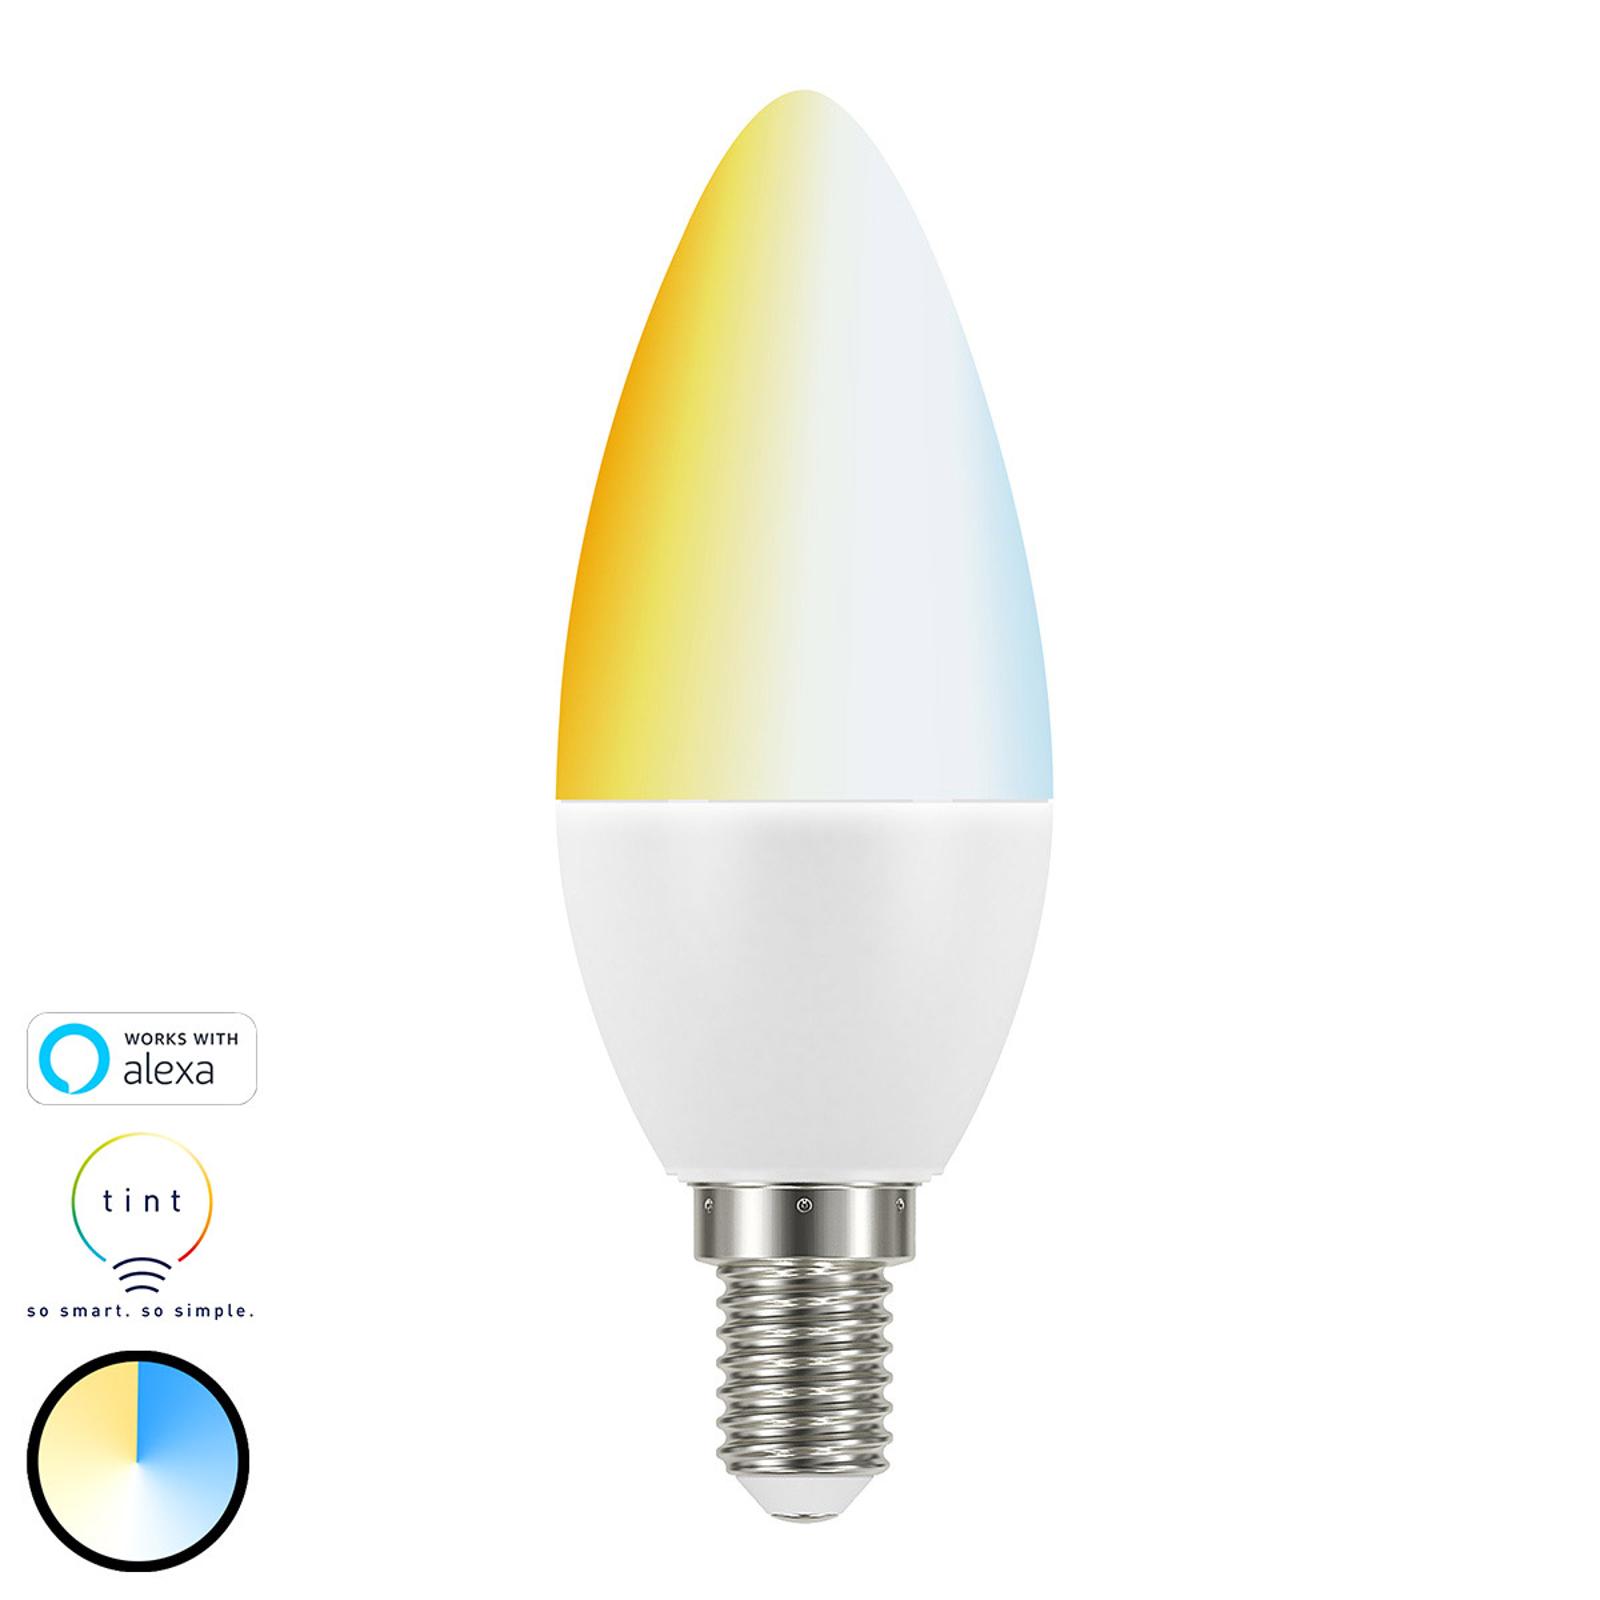 Müller Licht tint white LEDa candela E14 5,8W